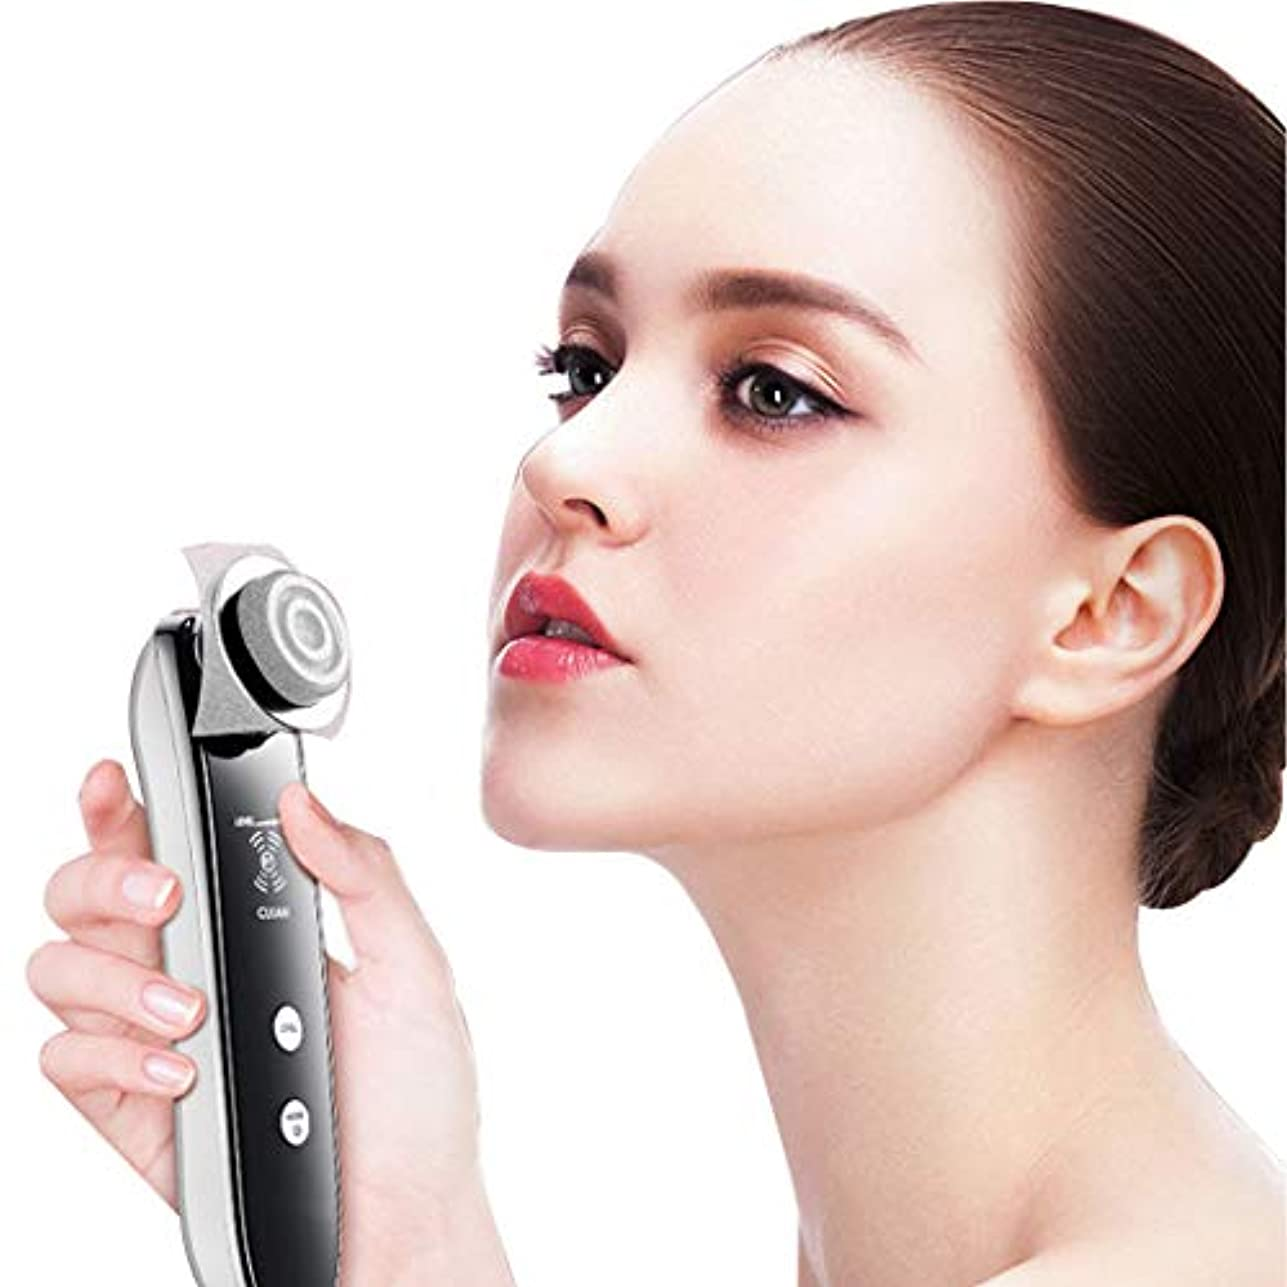 ベンチ無効フィールドRF の無線周波数の美の器械 5 1 の多機能の顔のマッサージ器、皮の気遣うことのための美装置、穏やかな剥離および気孔の収縮のための機械